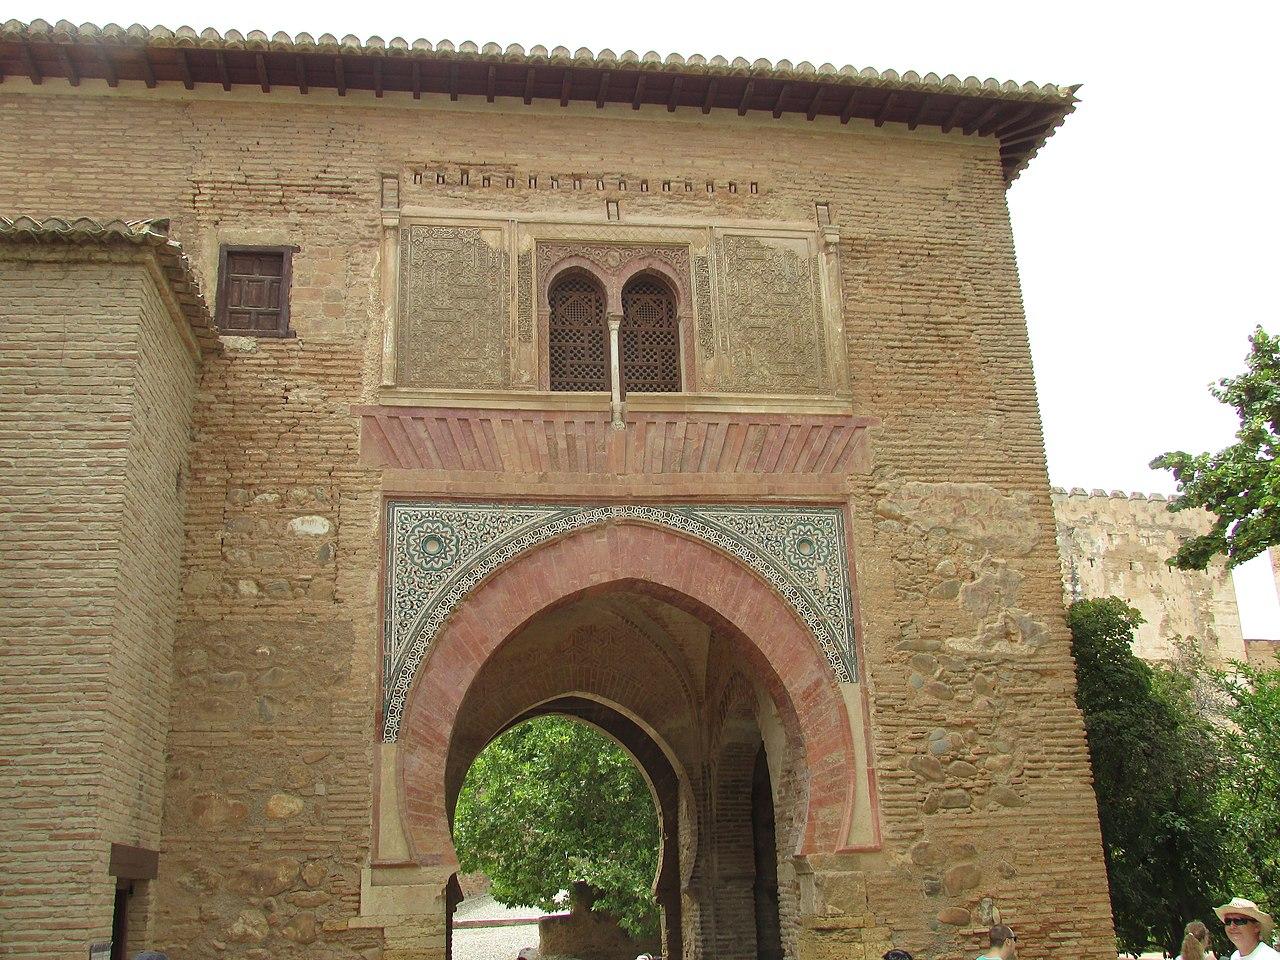 Archivo puerta del vino alhambra 19 july 2016 jpg for Puerta 19 benito villamarin